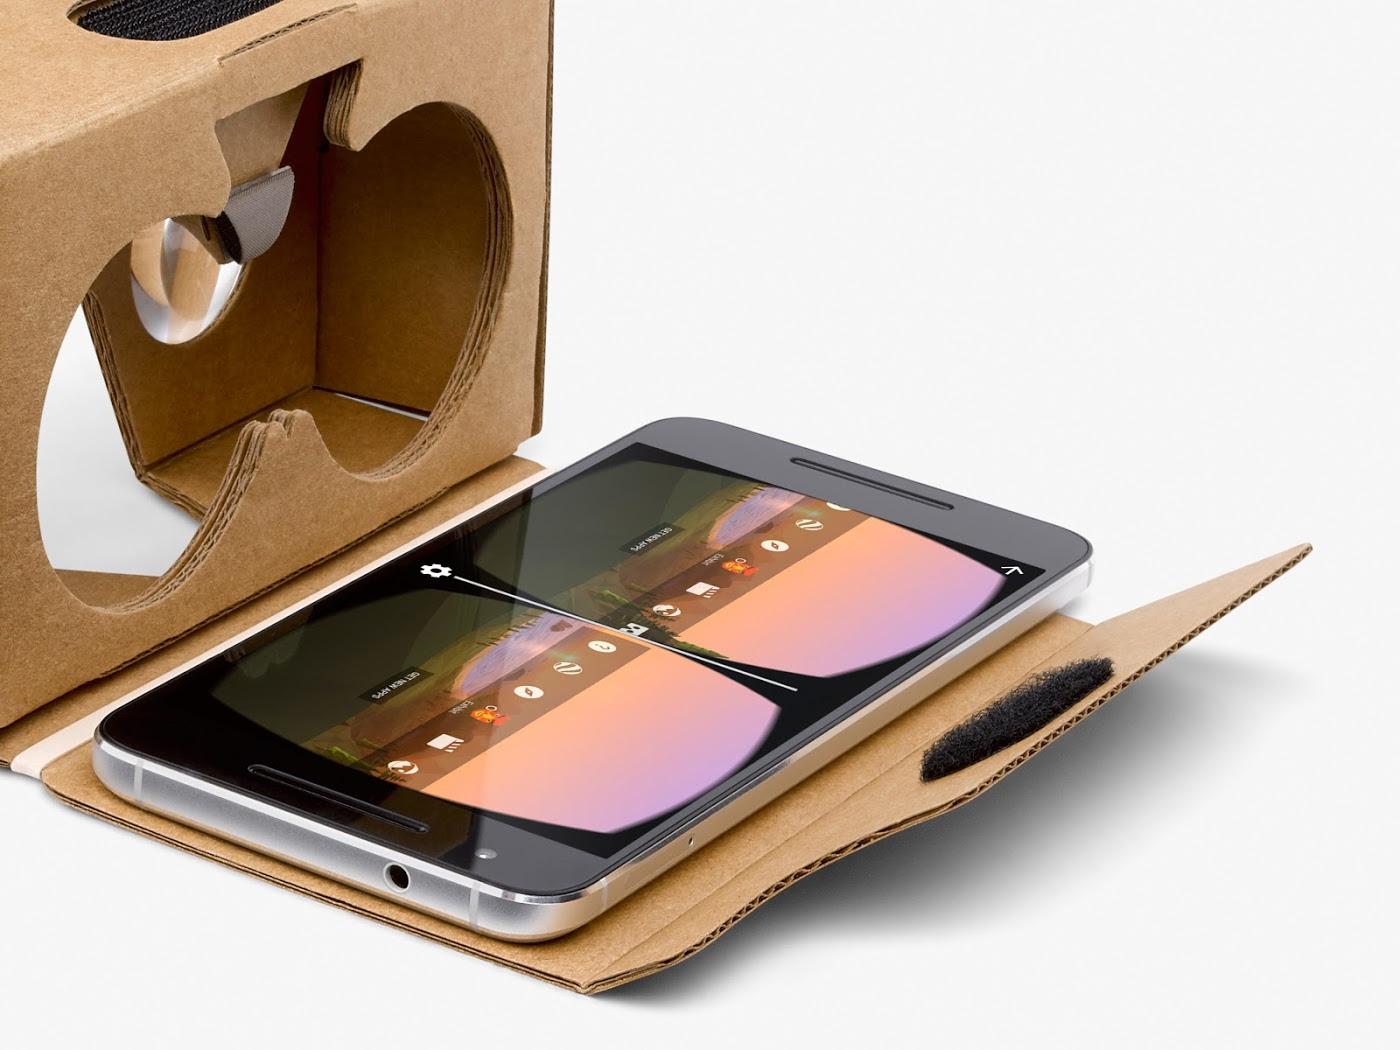 Cardboard smartfon